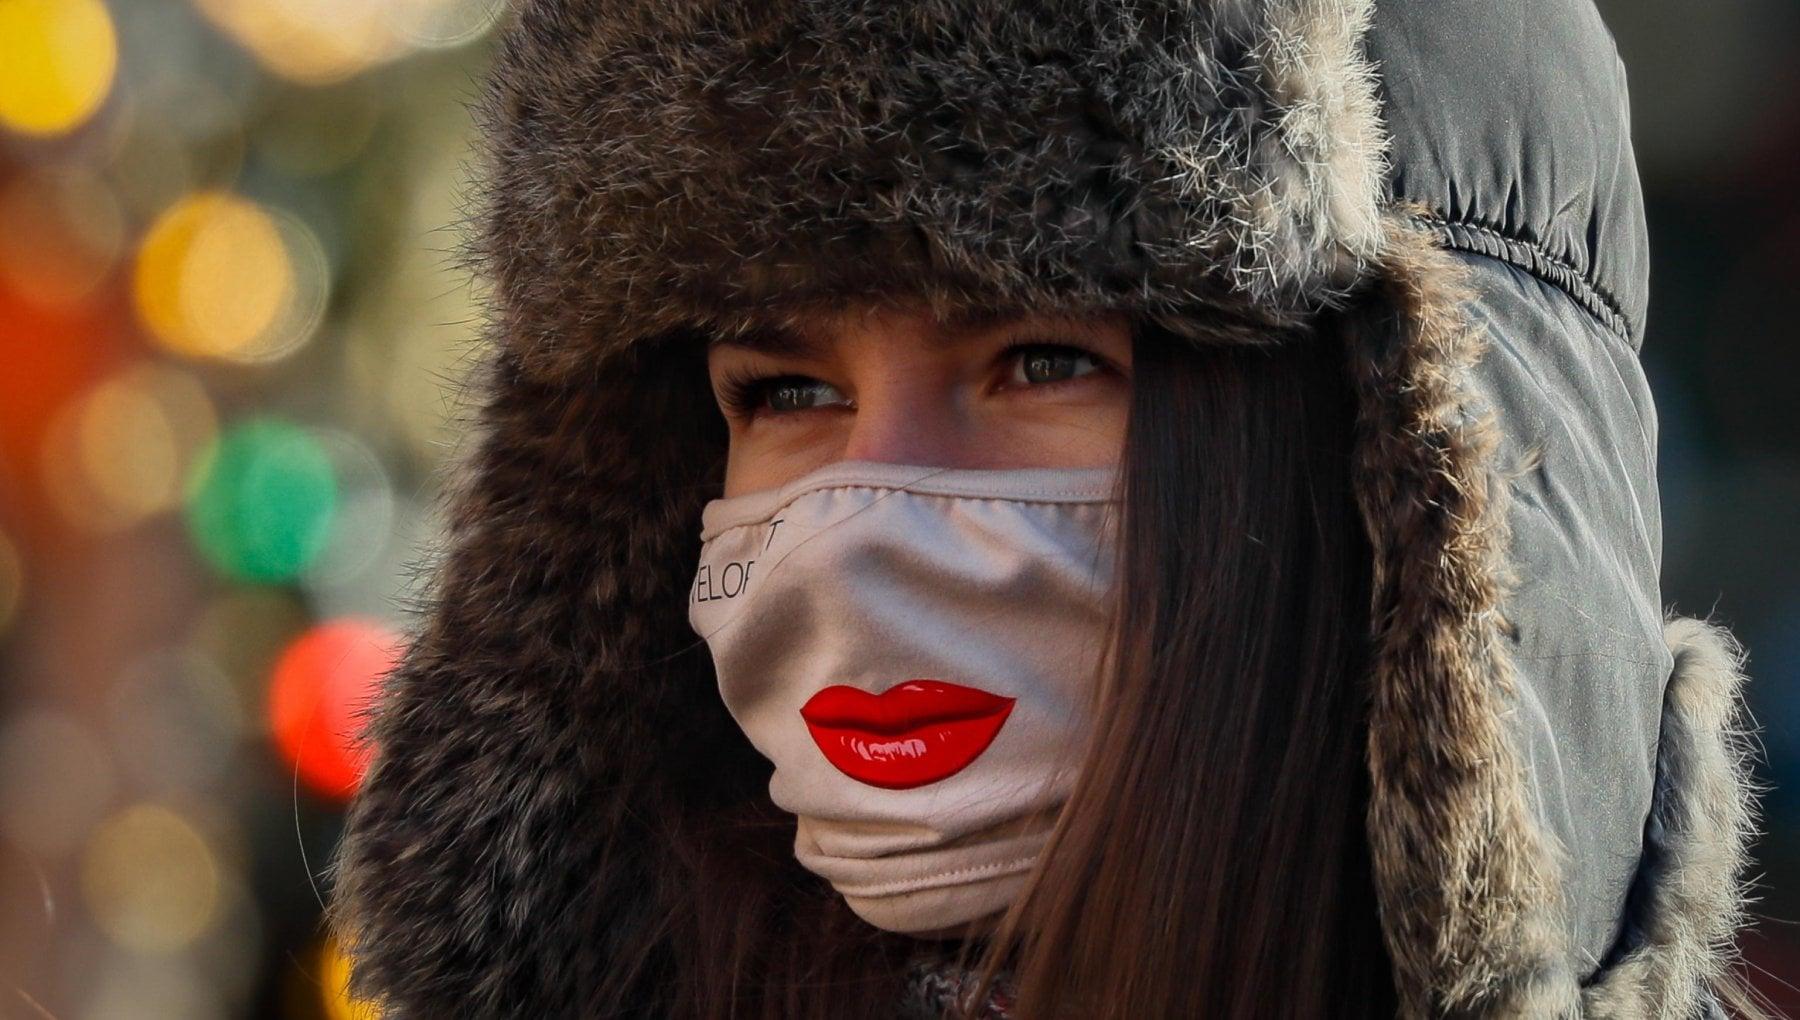 014306118 8cf724b0 b9b5 4ab2 b35c 4be1f9673878 - Coronavirus nel mondo: il Giappone chiede lo stato di emergenza per Tokyo